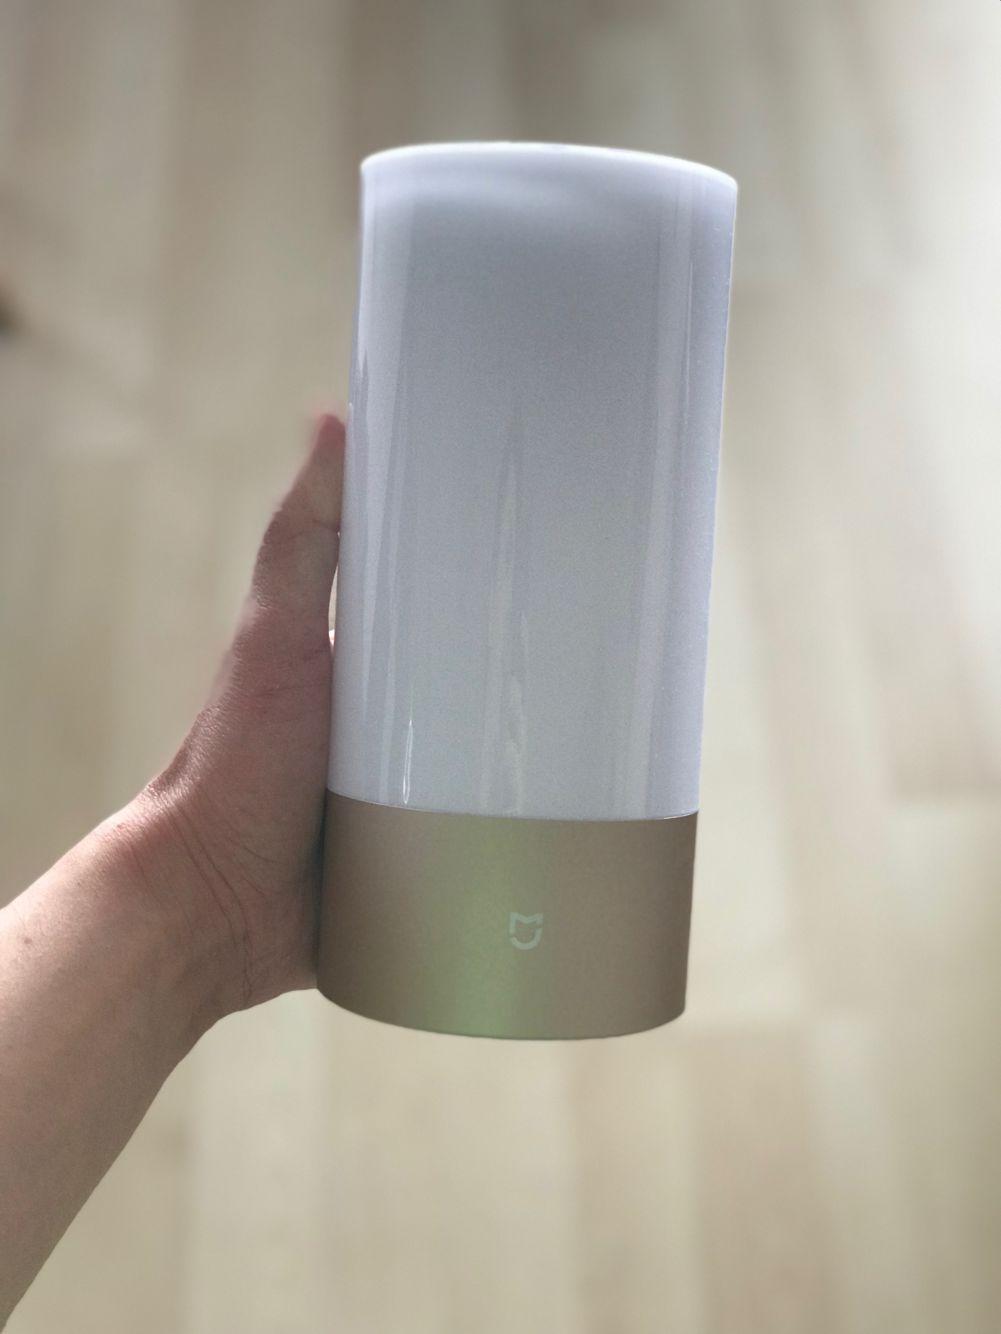 IMG 0980 - Chytrou stolní lampu Yeelight využijete jak v pracovně, tak v ložnici